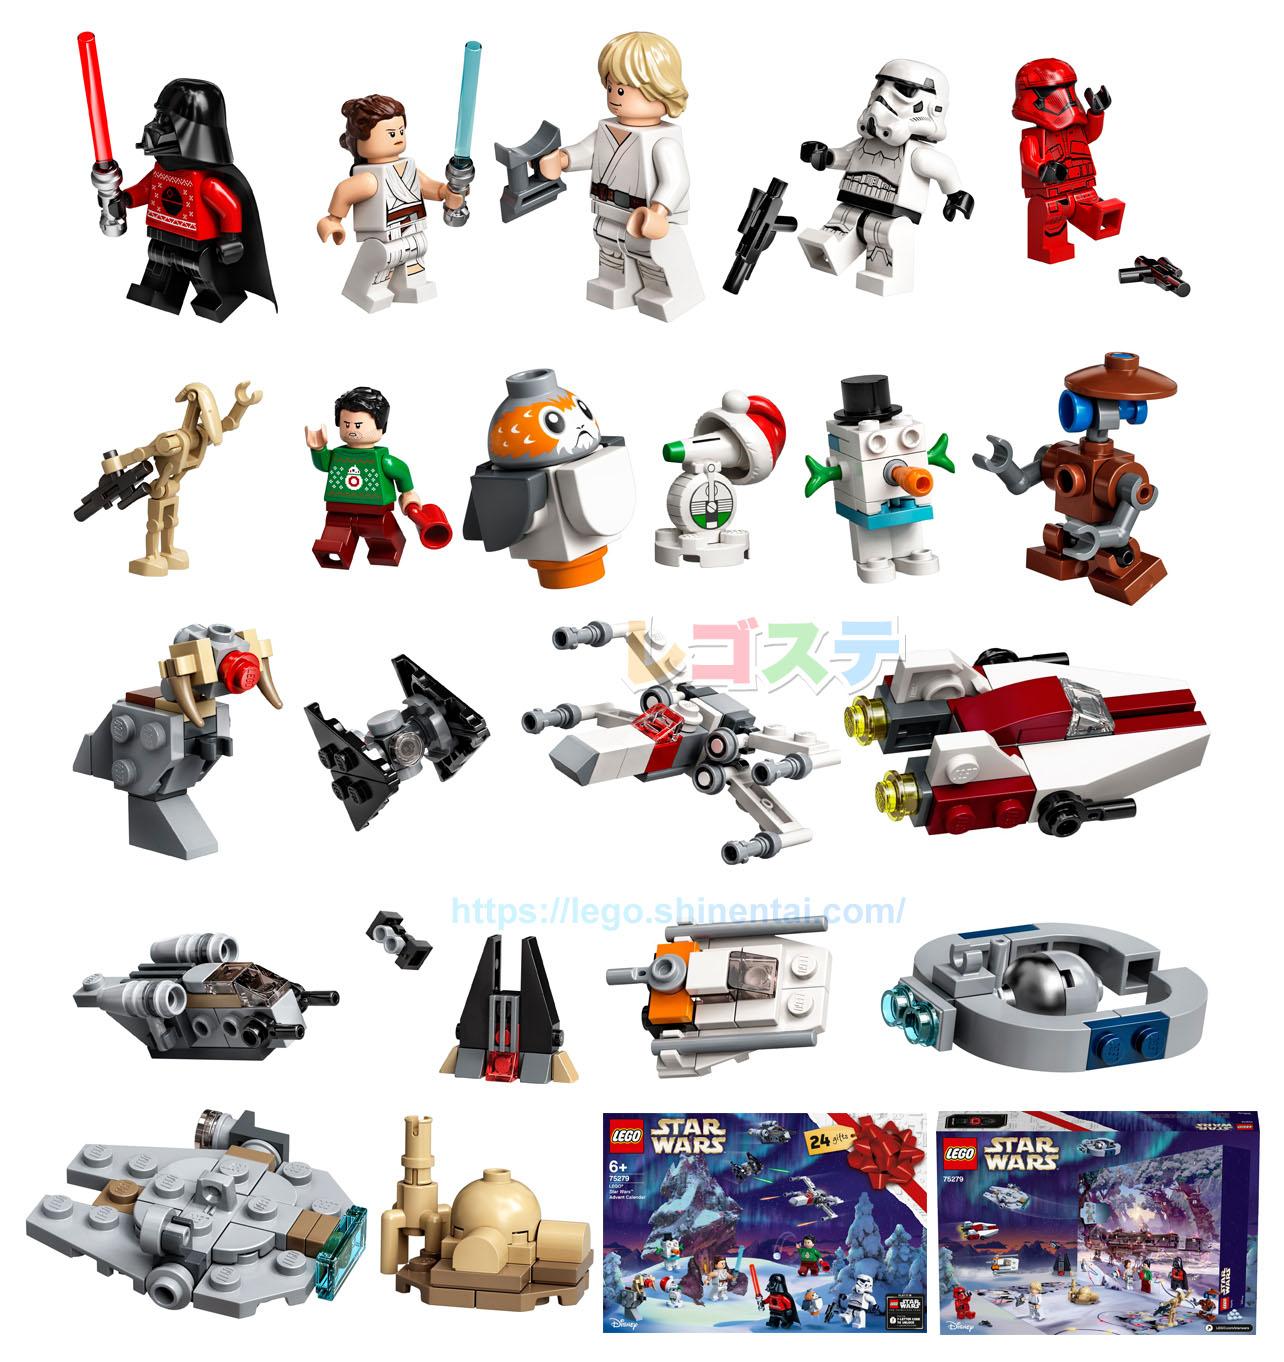 75279 スターウォーズ・アドベントカレンダー:LEGO スターウォーズ 2020 アドベントカレンダー